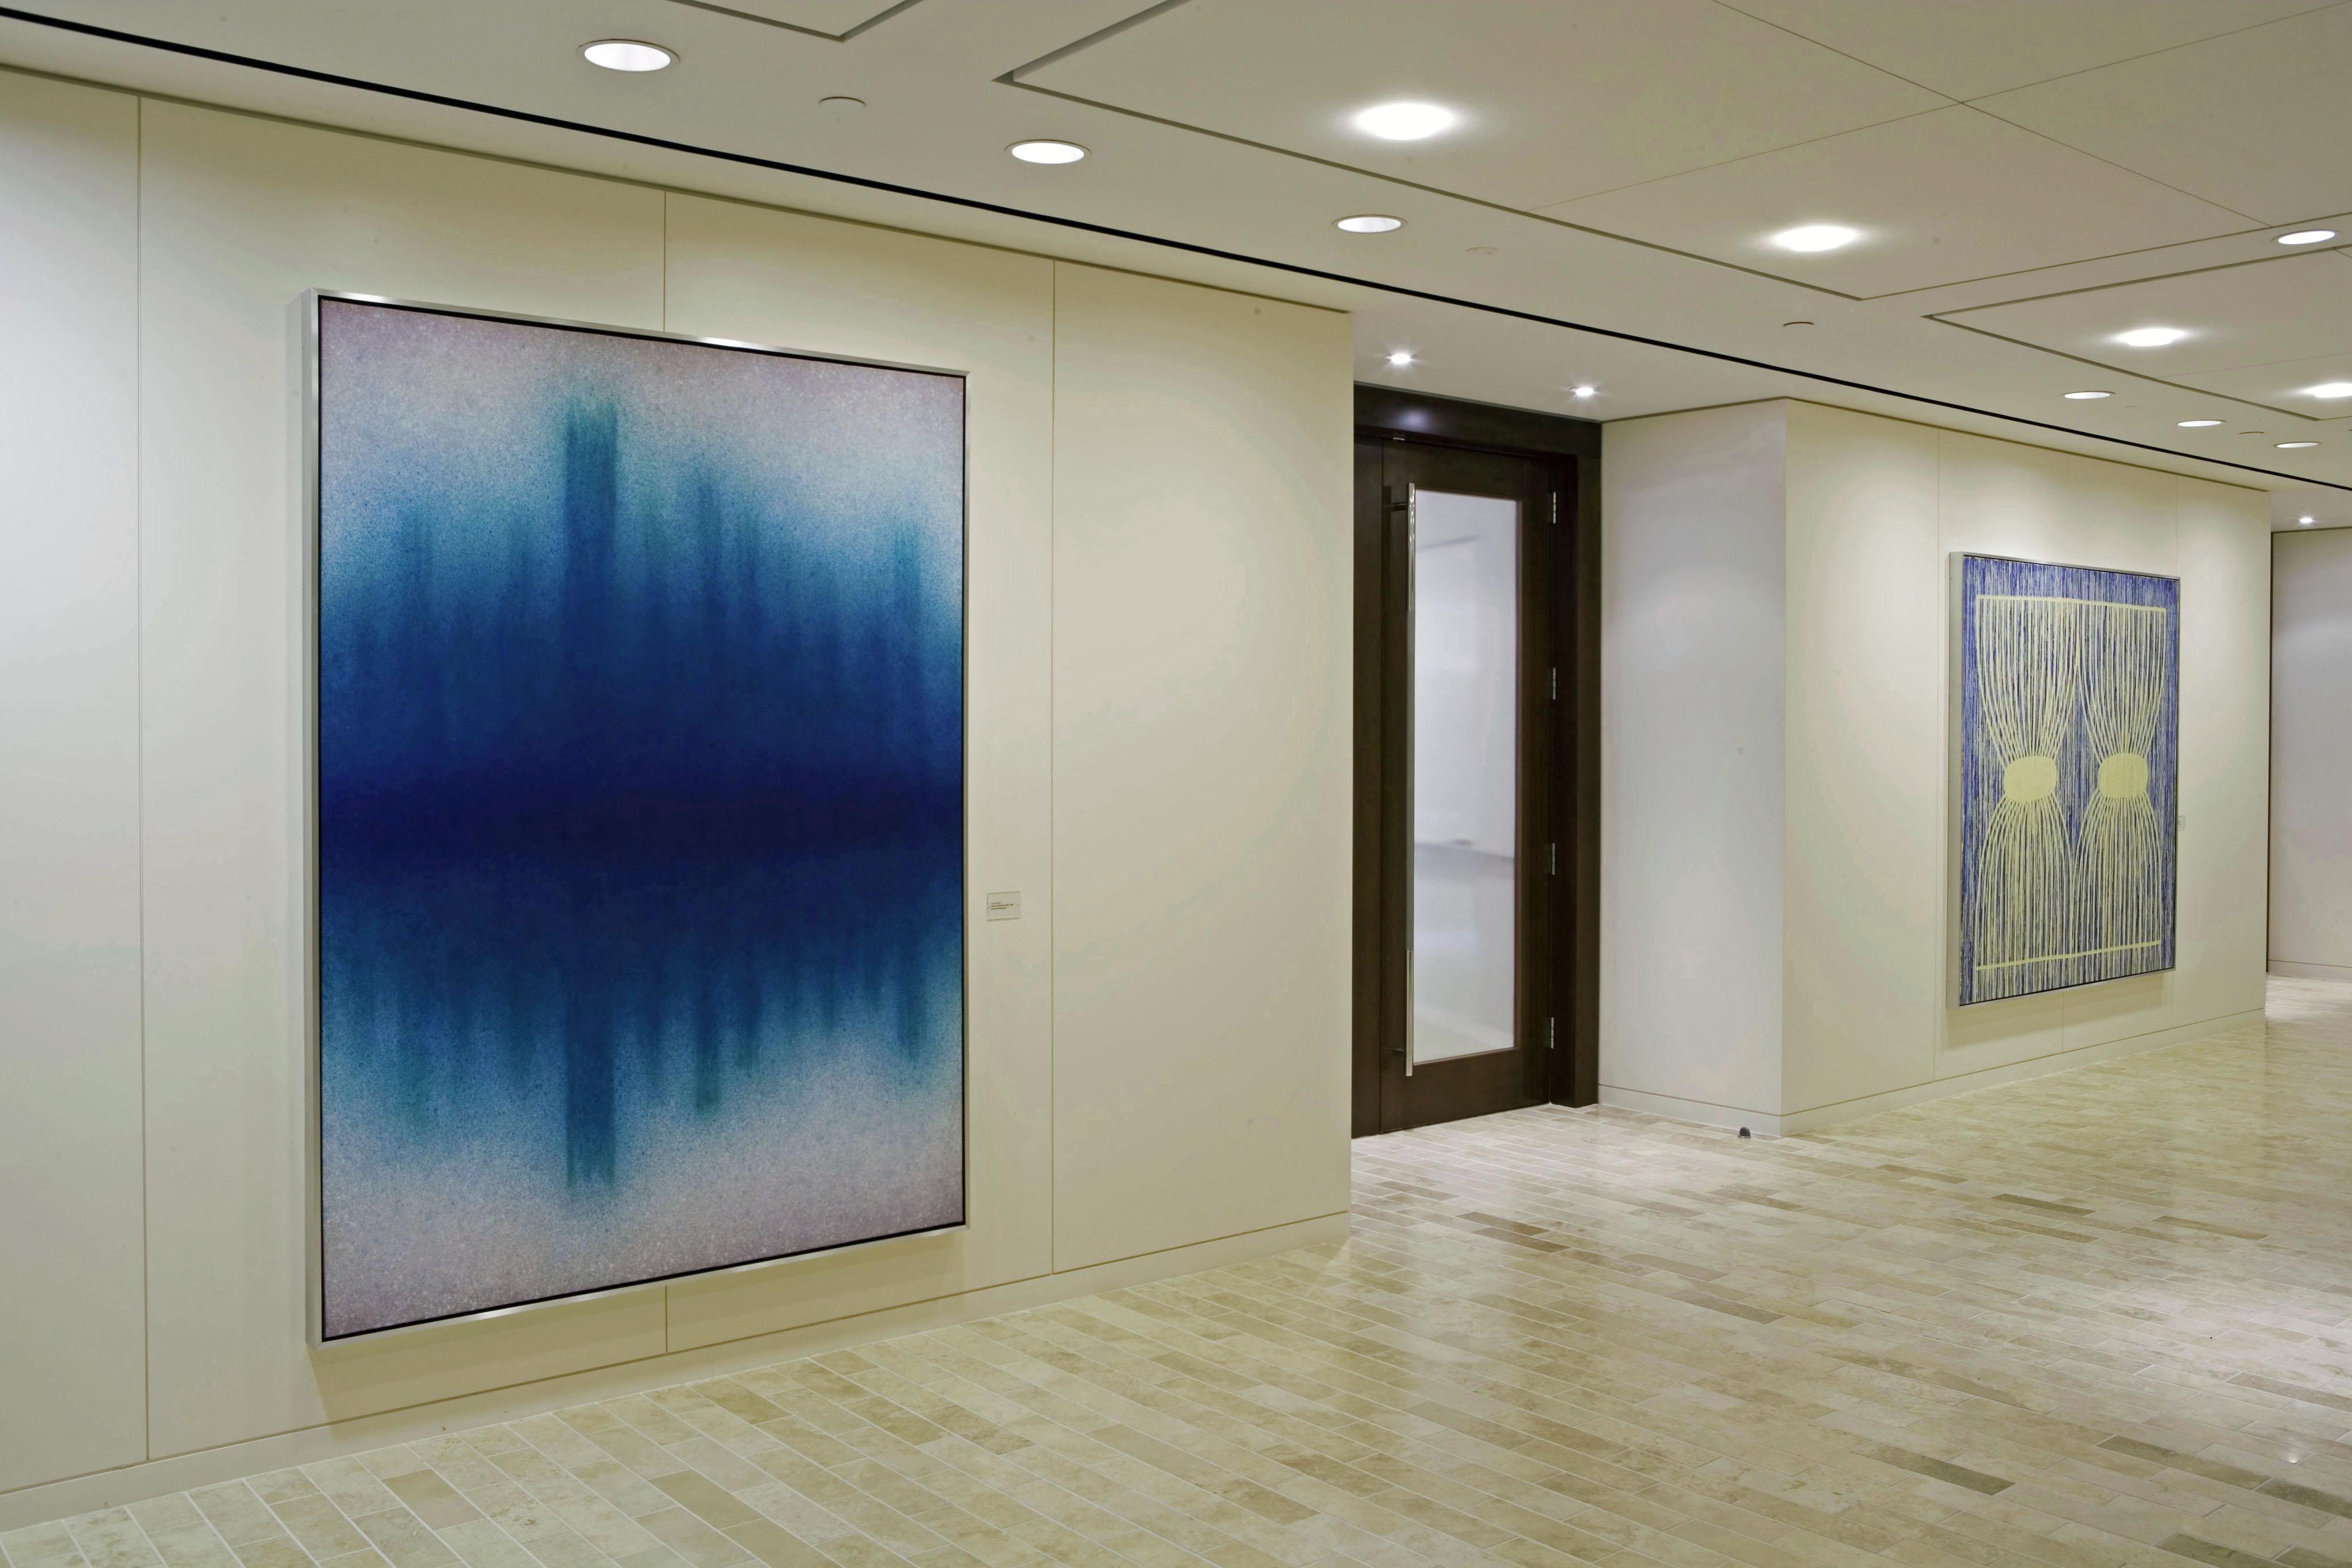 Commercial Art Installation